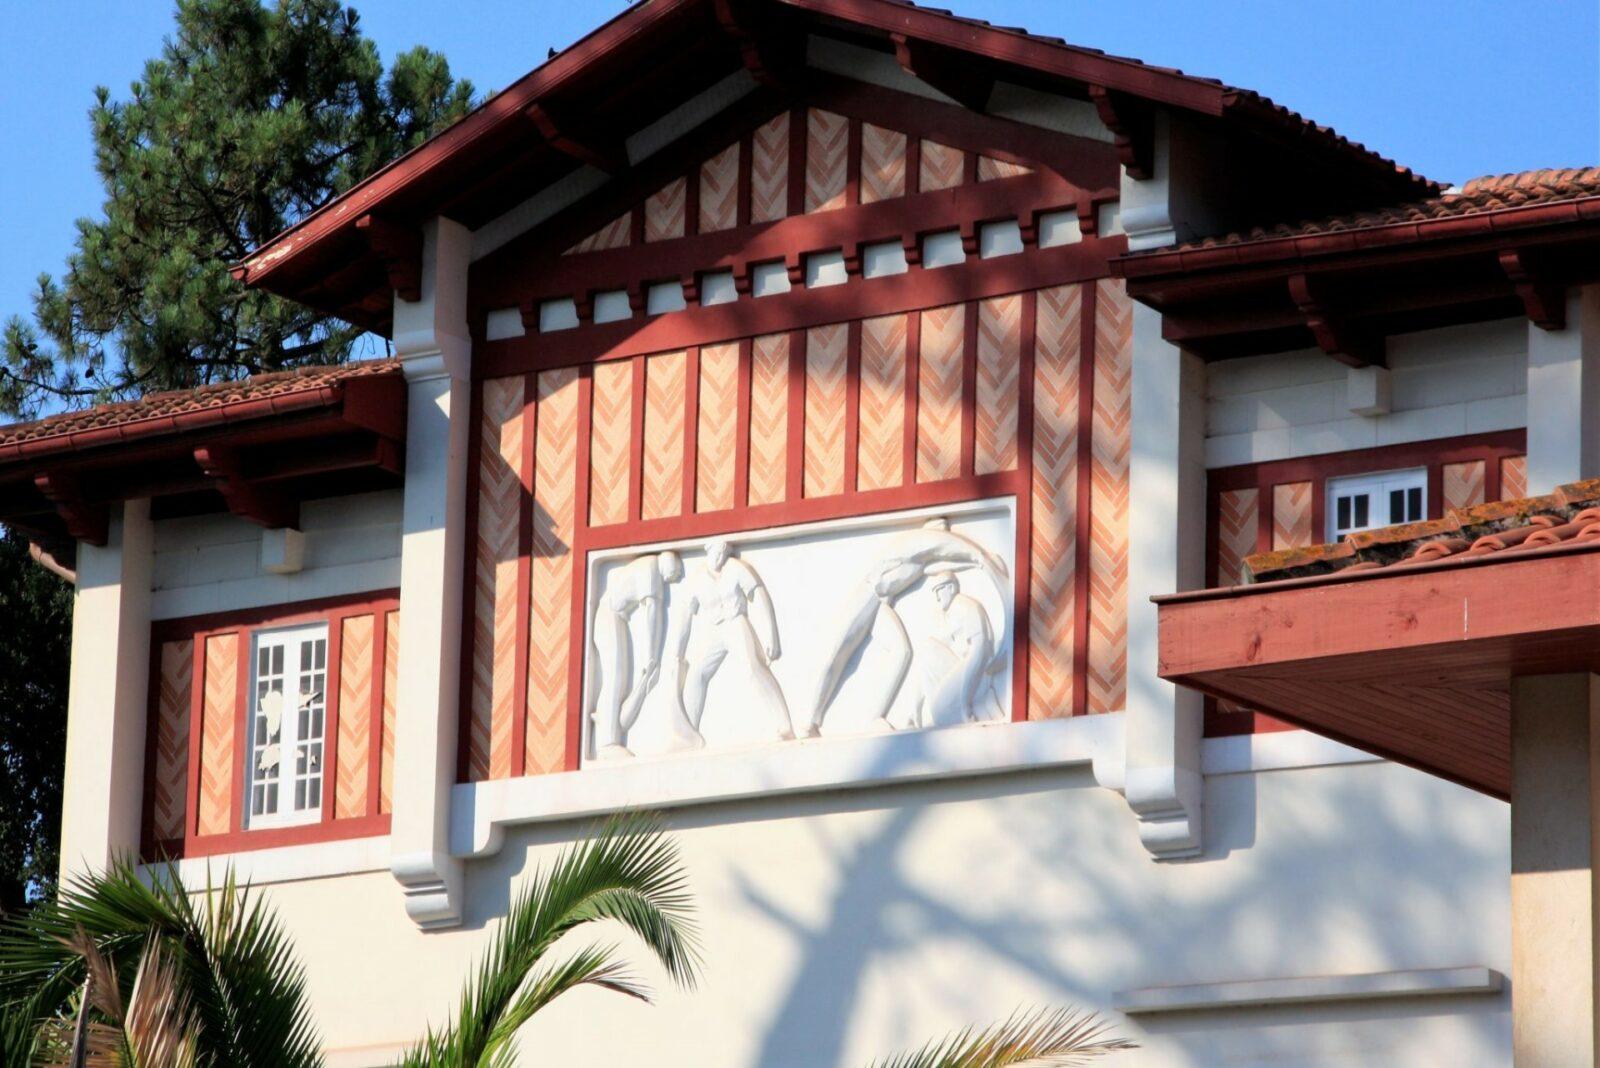 Le fronton du casino d'Hossegor, exemple parfait de l'architecture basco-landaise.